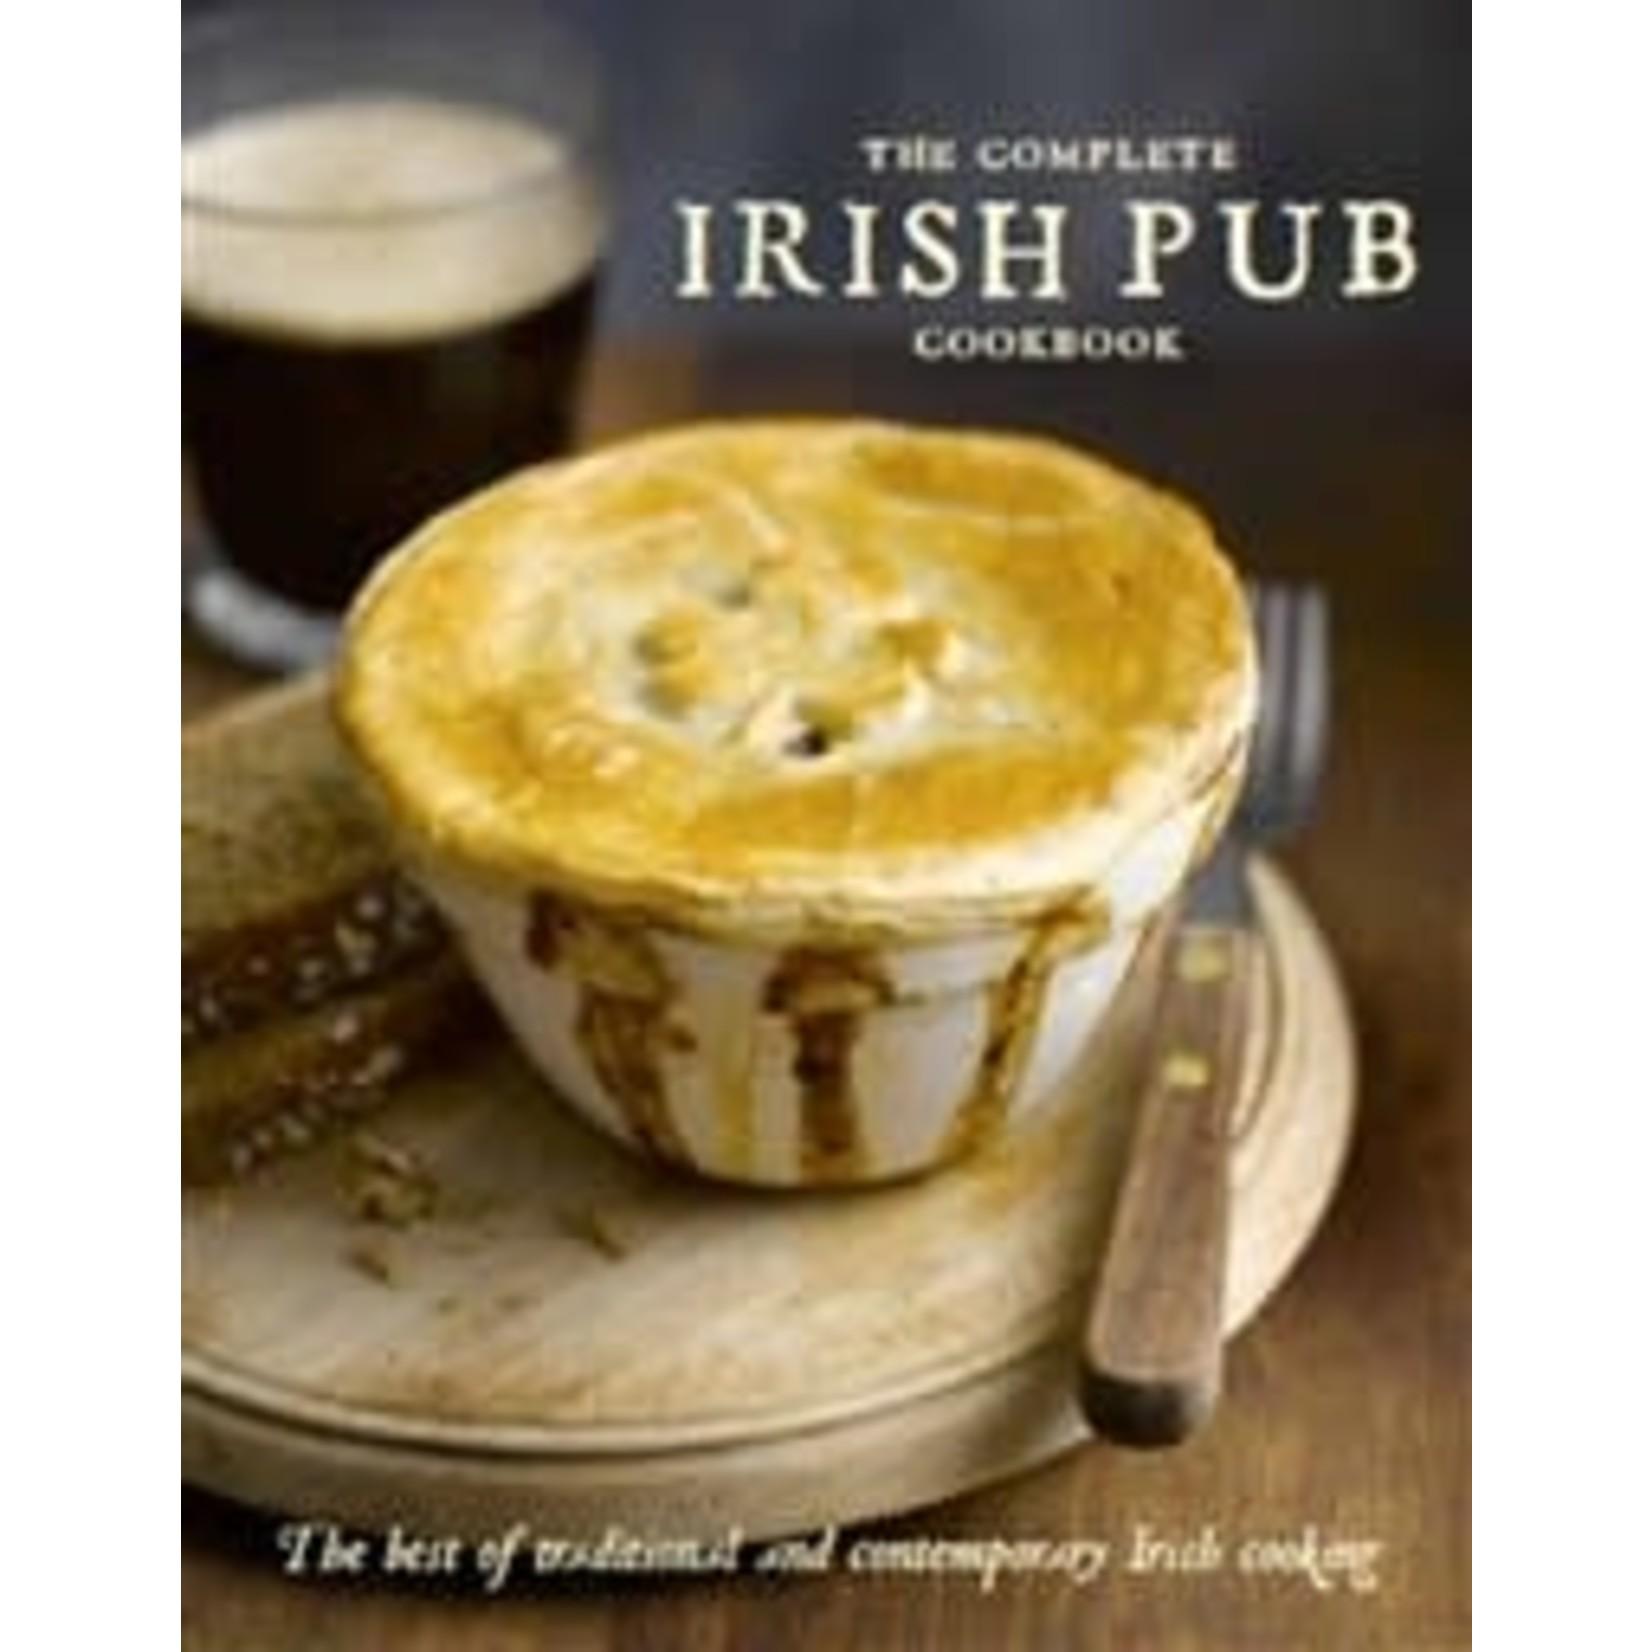 Complete Irish Pub Cookbook